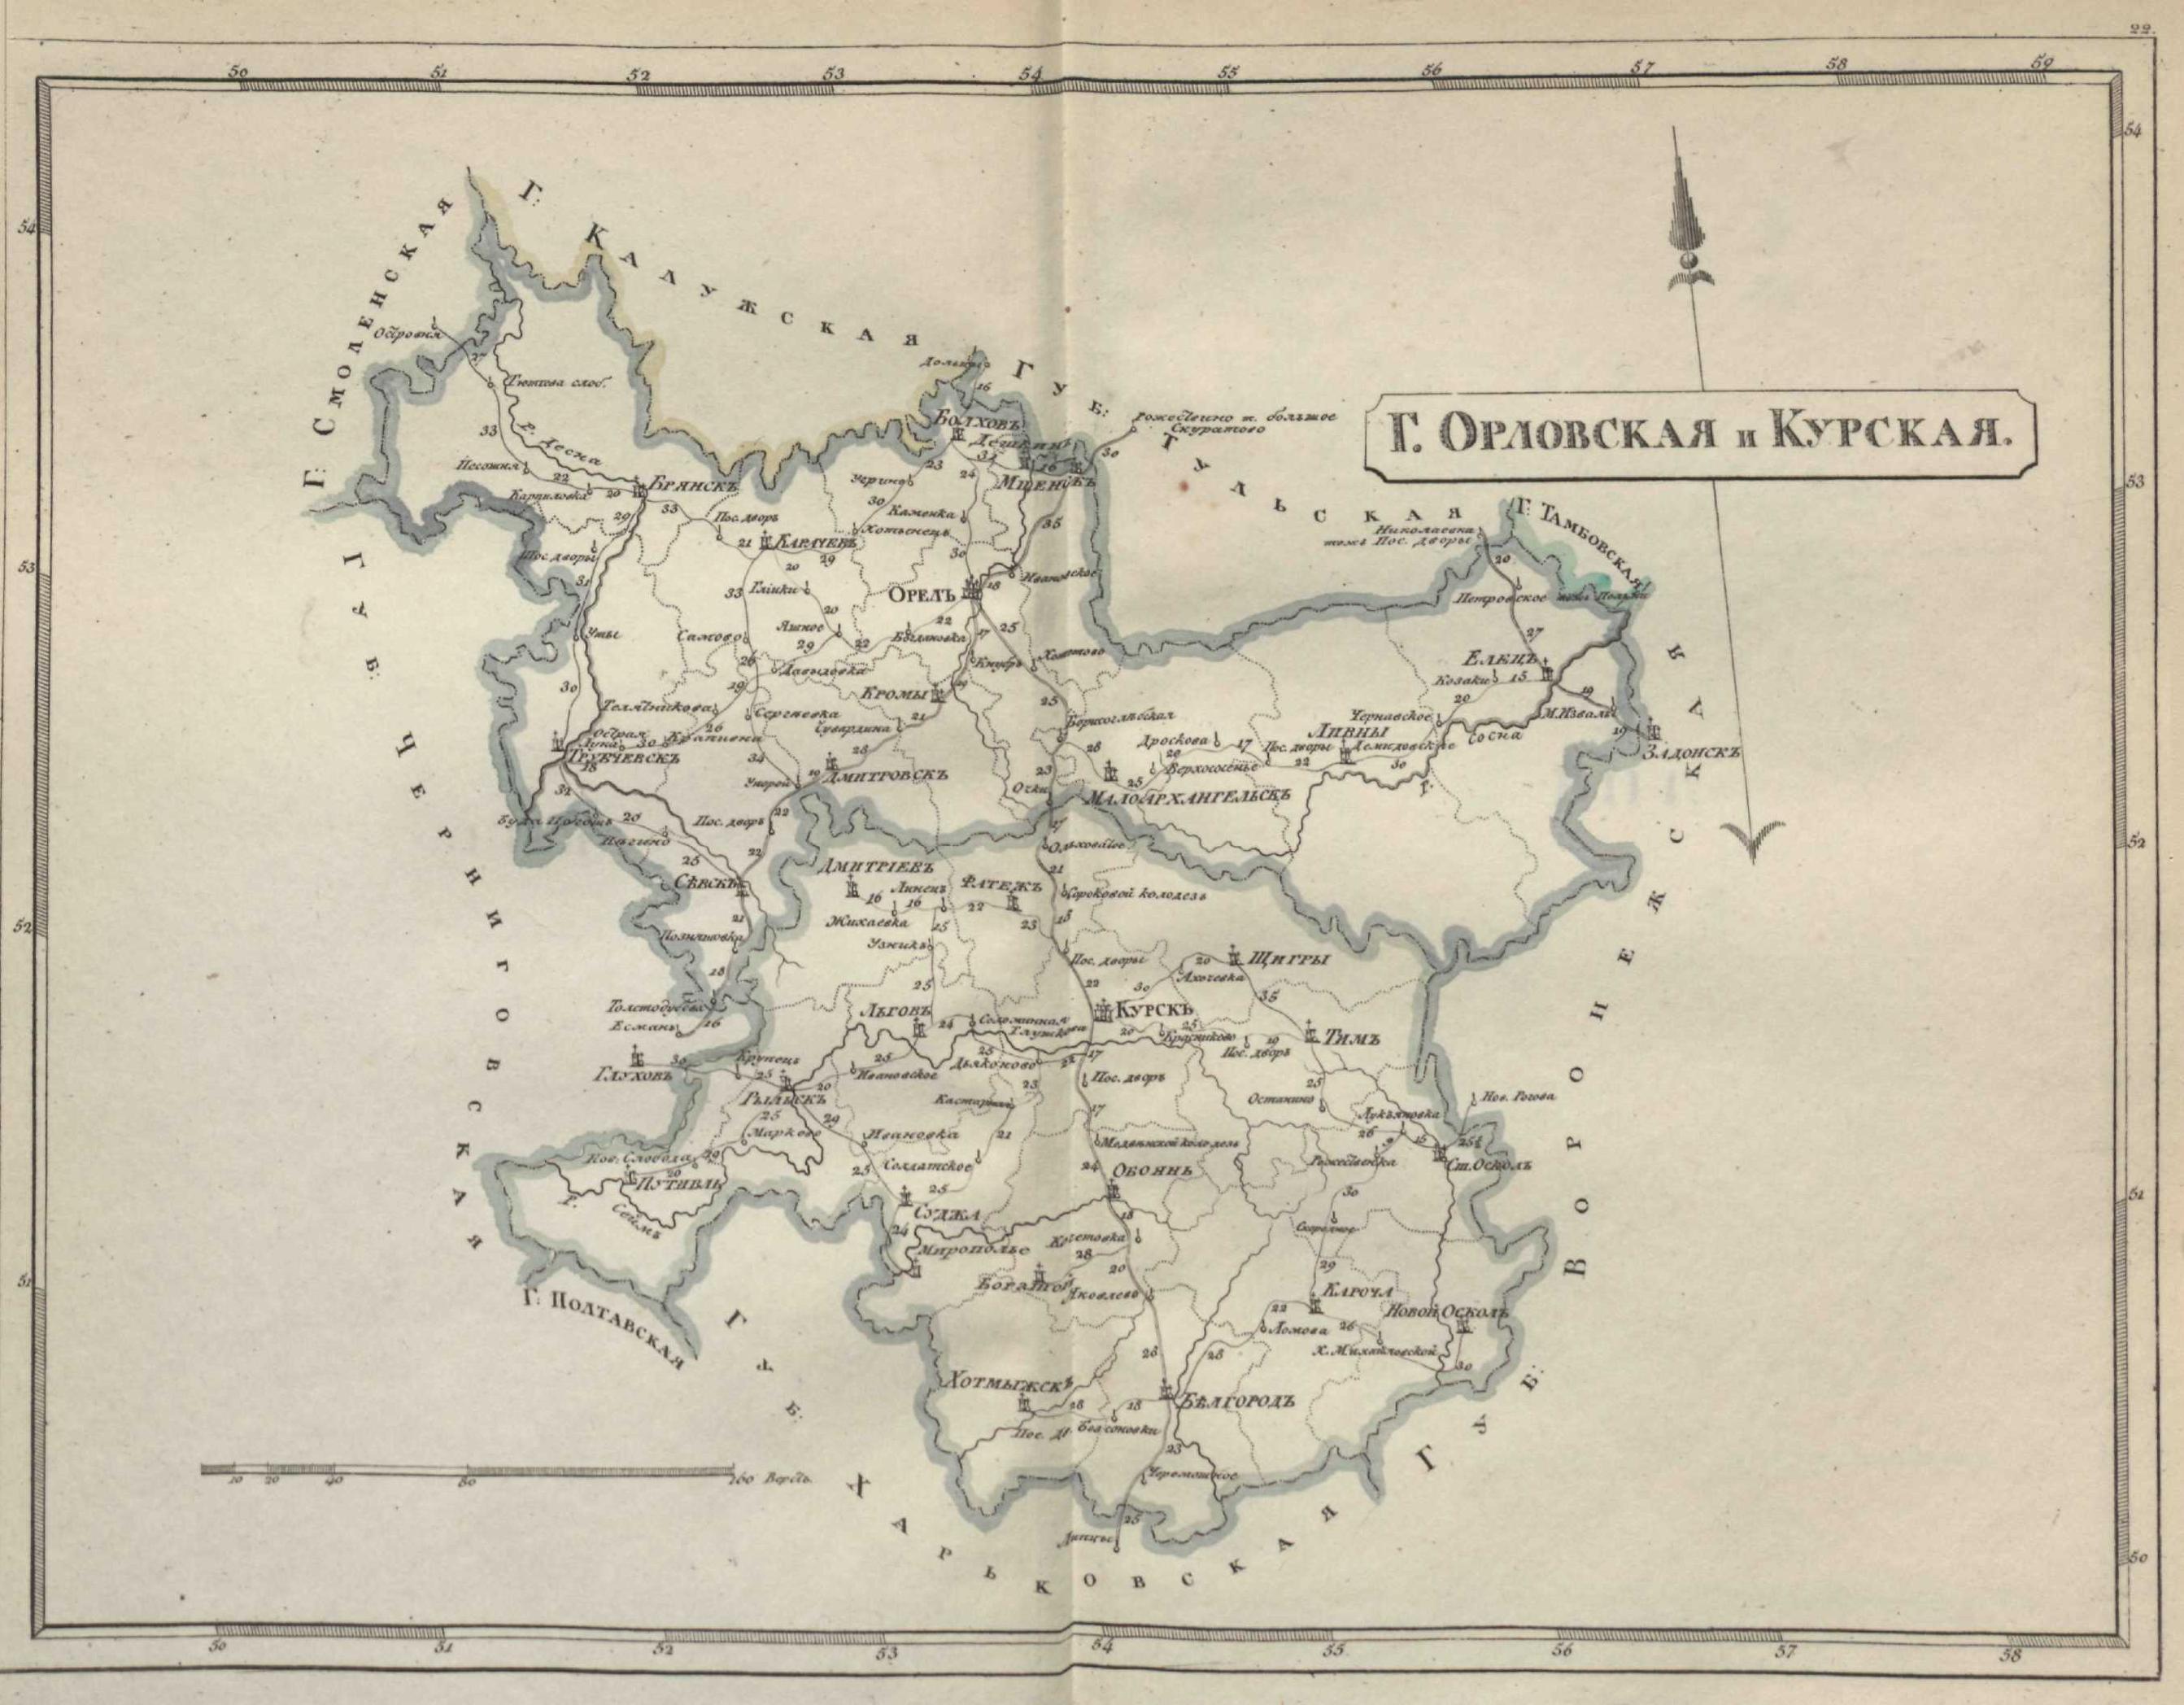 Орловская и Курская губернии